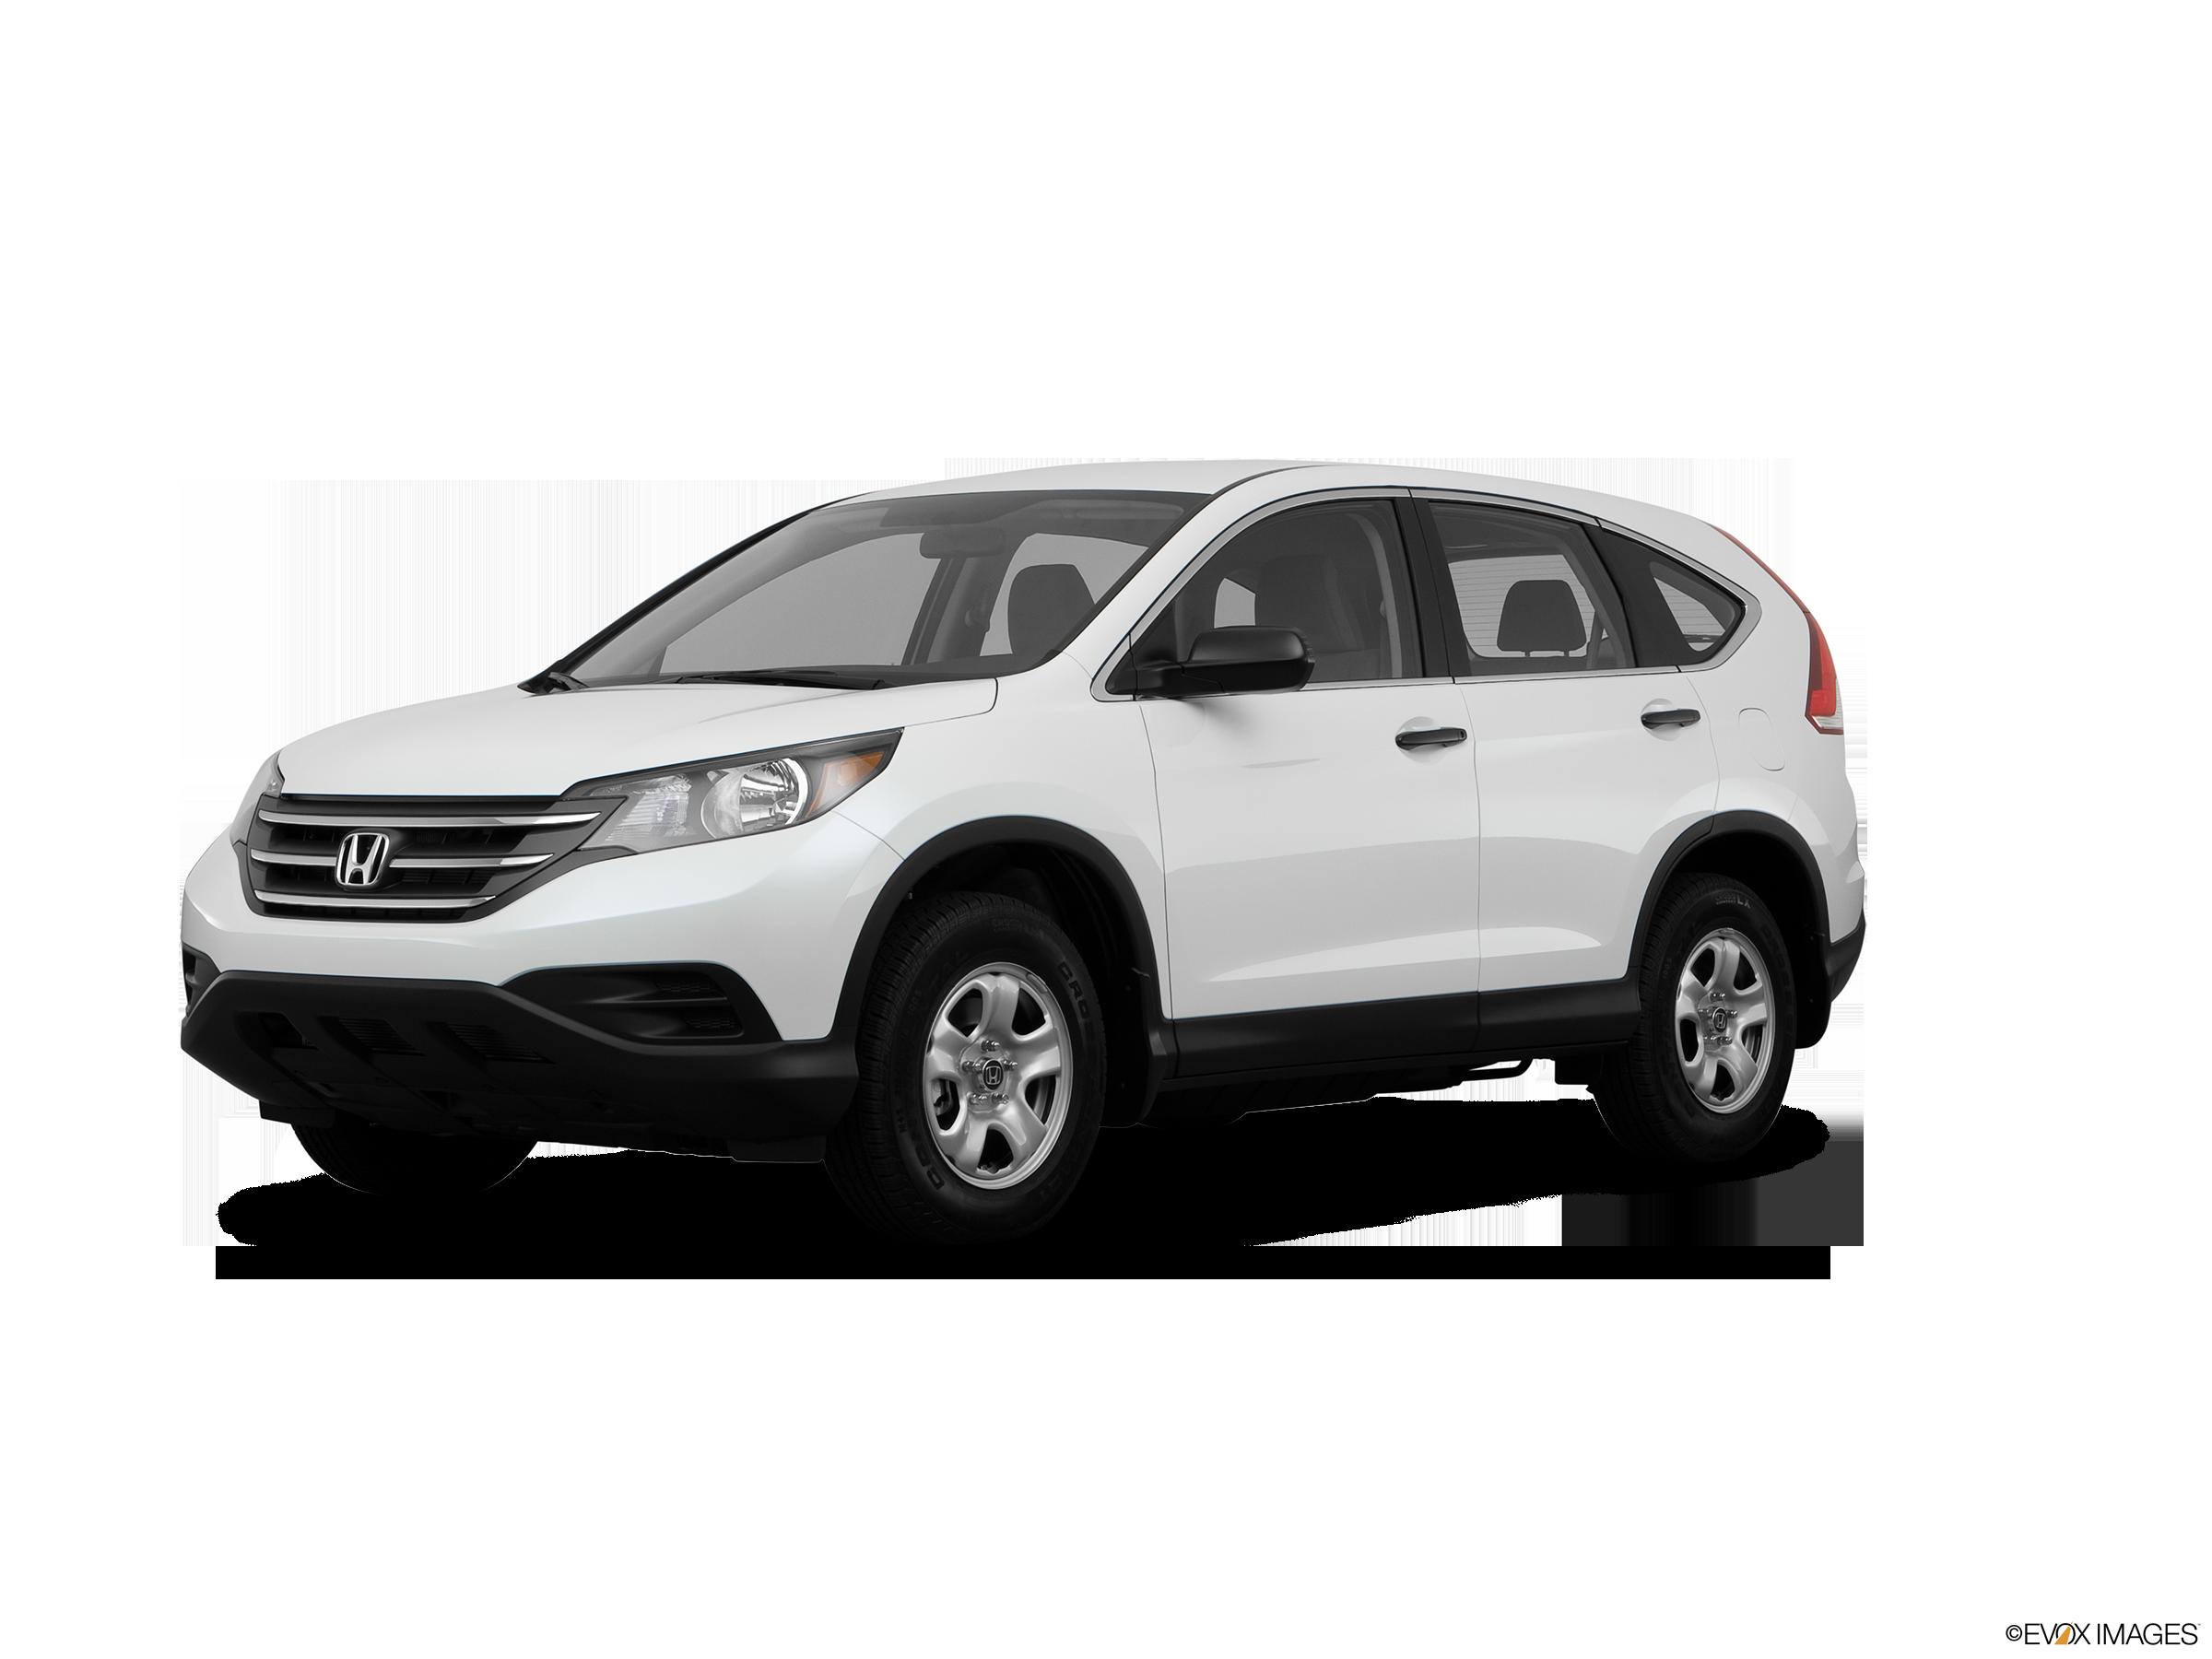 2013 honda cr v values cars for sale